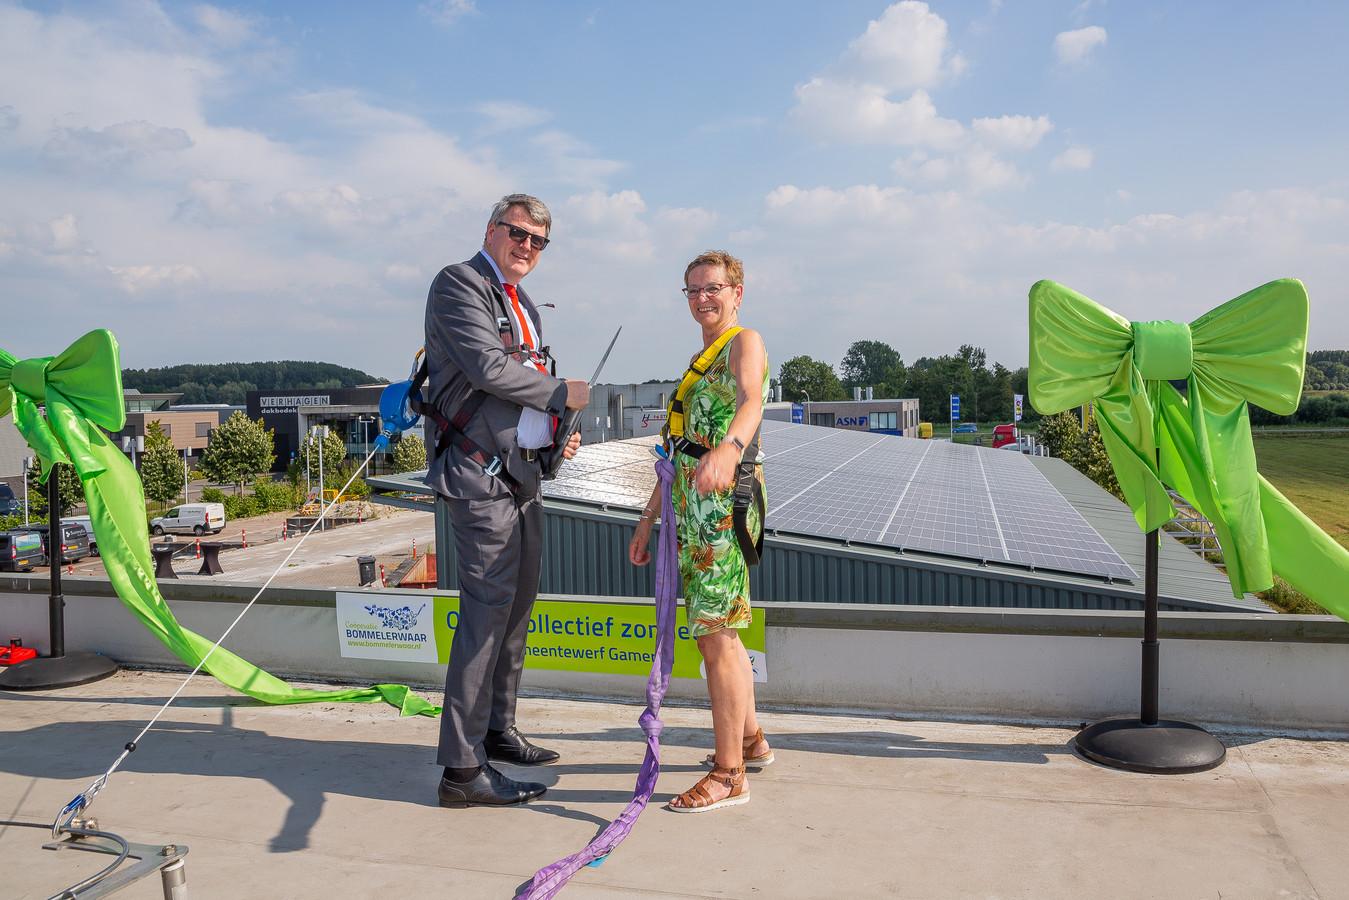 Wethouder Willem Posthouwer van de gemeente Zaltbommel en Antje van Ginneken op het eerste zonnedak van de Coöperatie Bommelerwaar in Gameren.